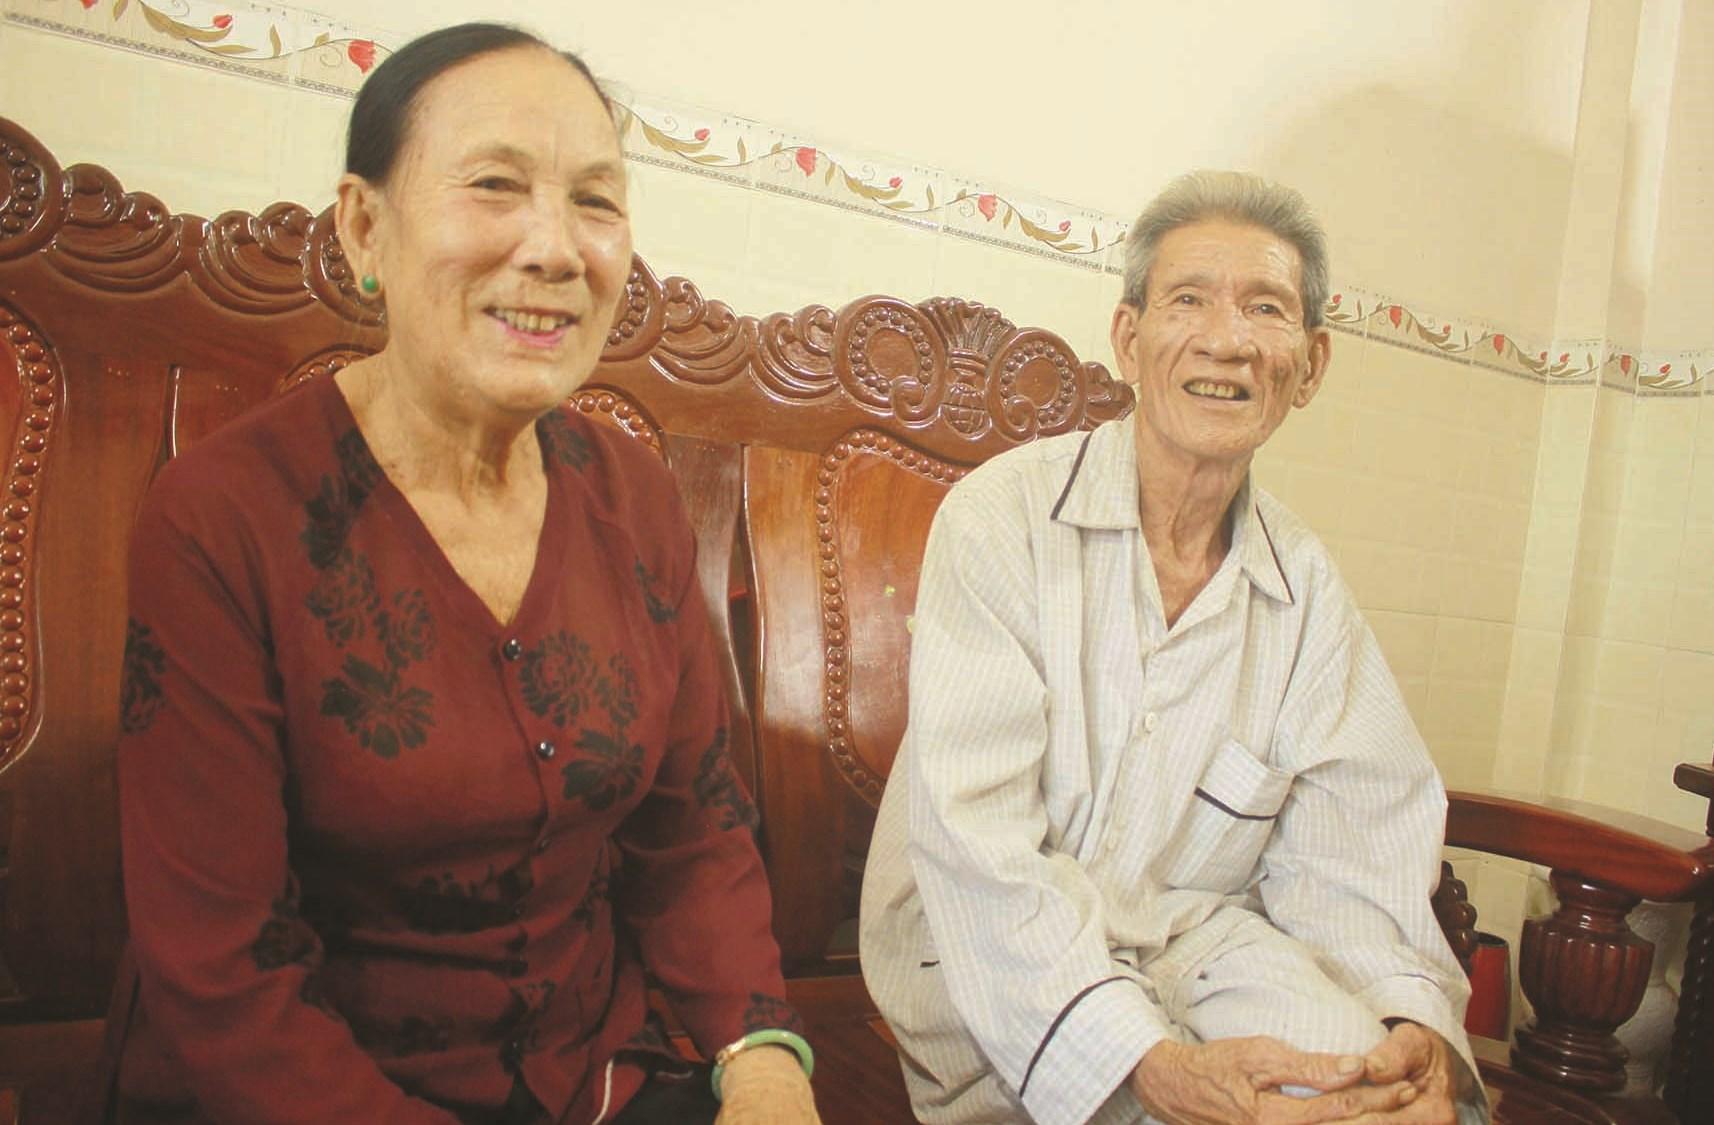 Bà Đỗ Thị Hảo thôn Tây An Vĩnh, huyện đảo Lý Sơn là người giữ điệu hát ru về bảo vệ chủ quyền biển đảo Hoàng Sa, Trường Sa